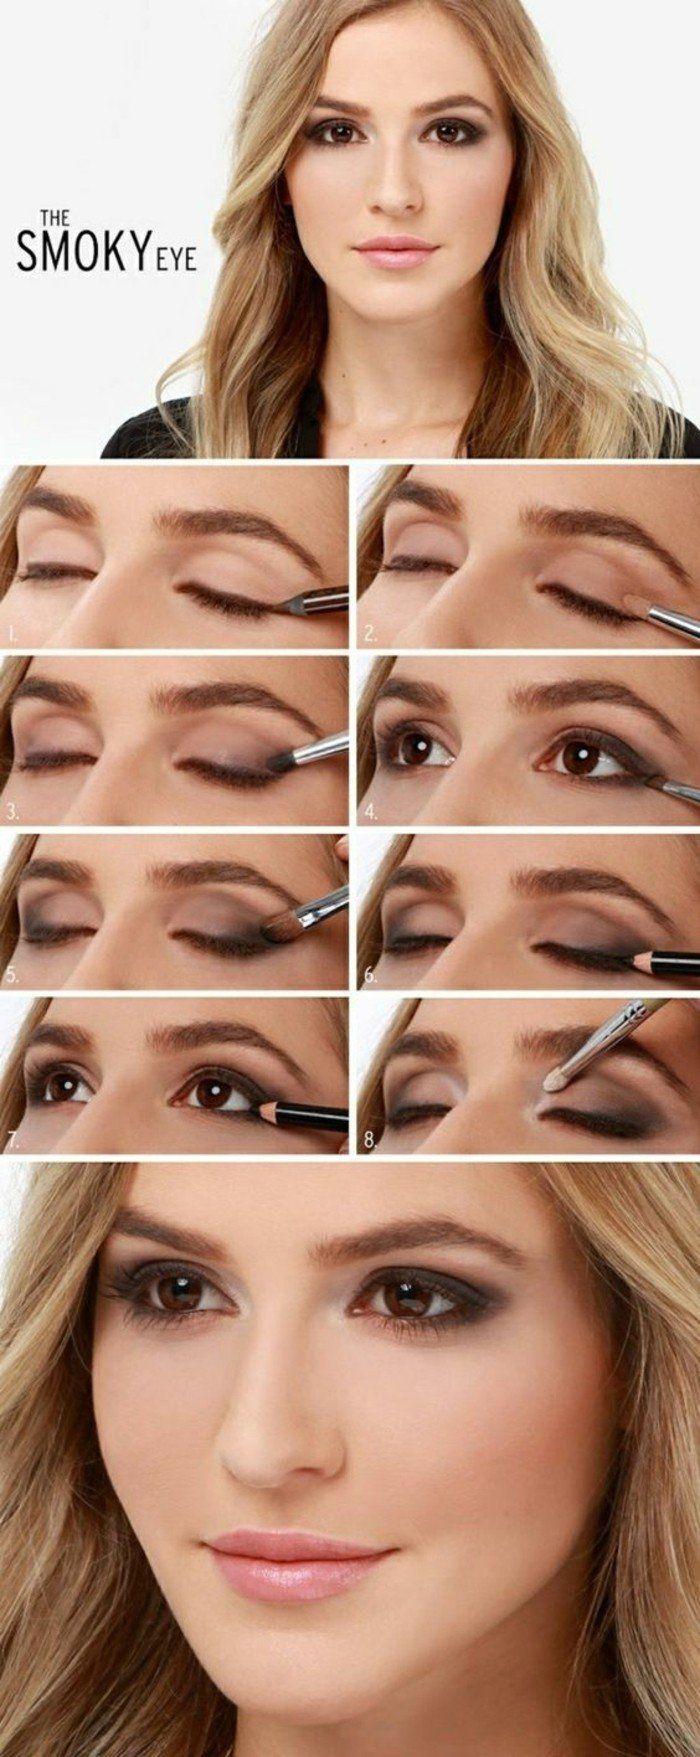 technique de maquillage apprendre a se maquiller les yeux cheveux blonds yeux marrons